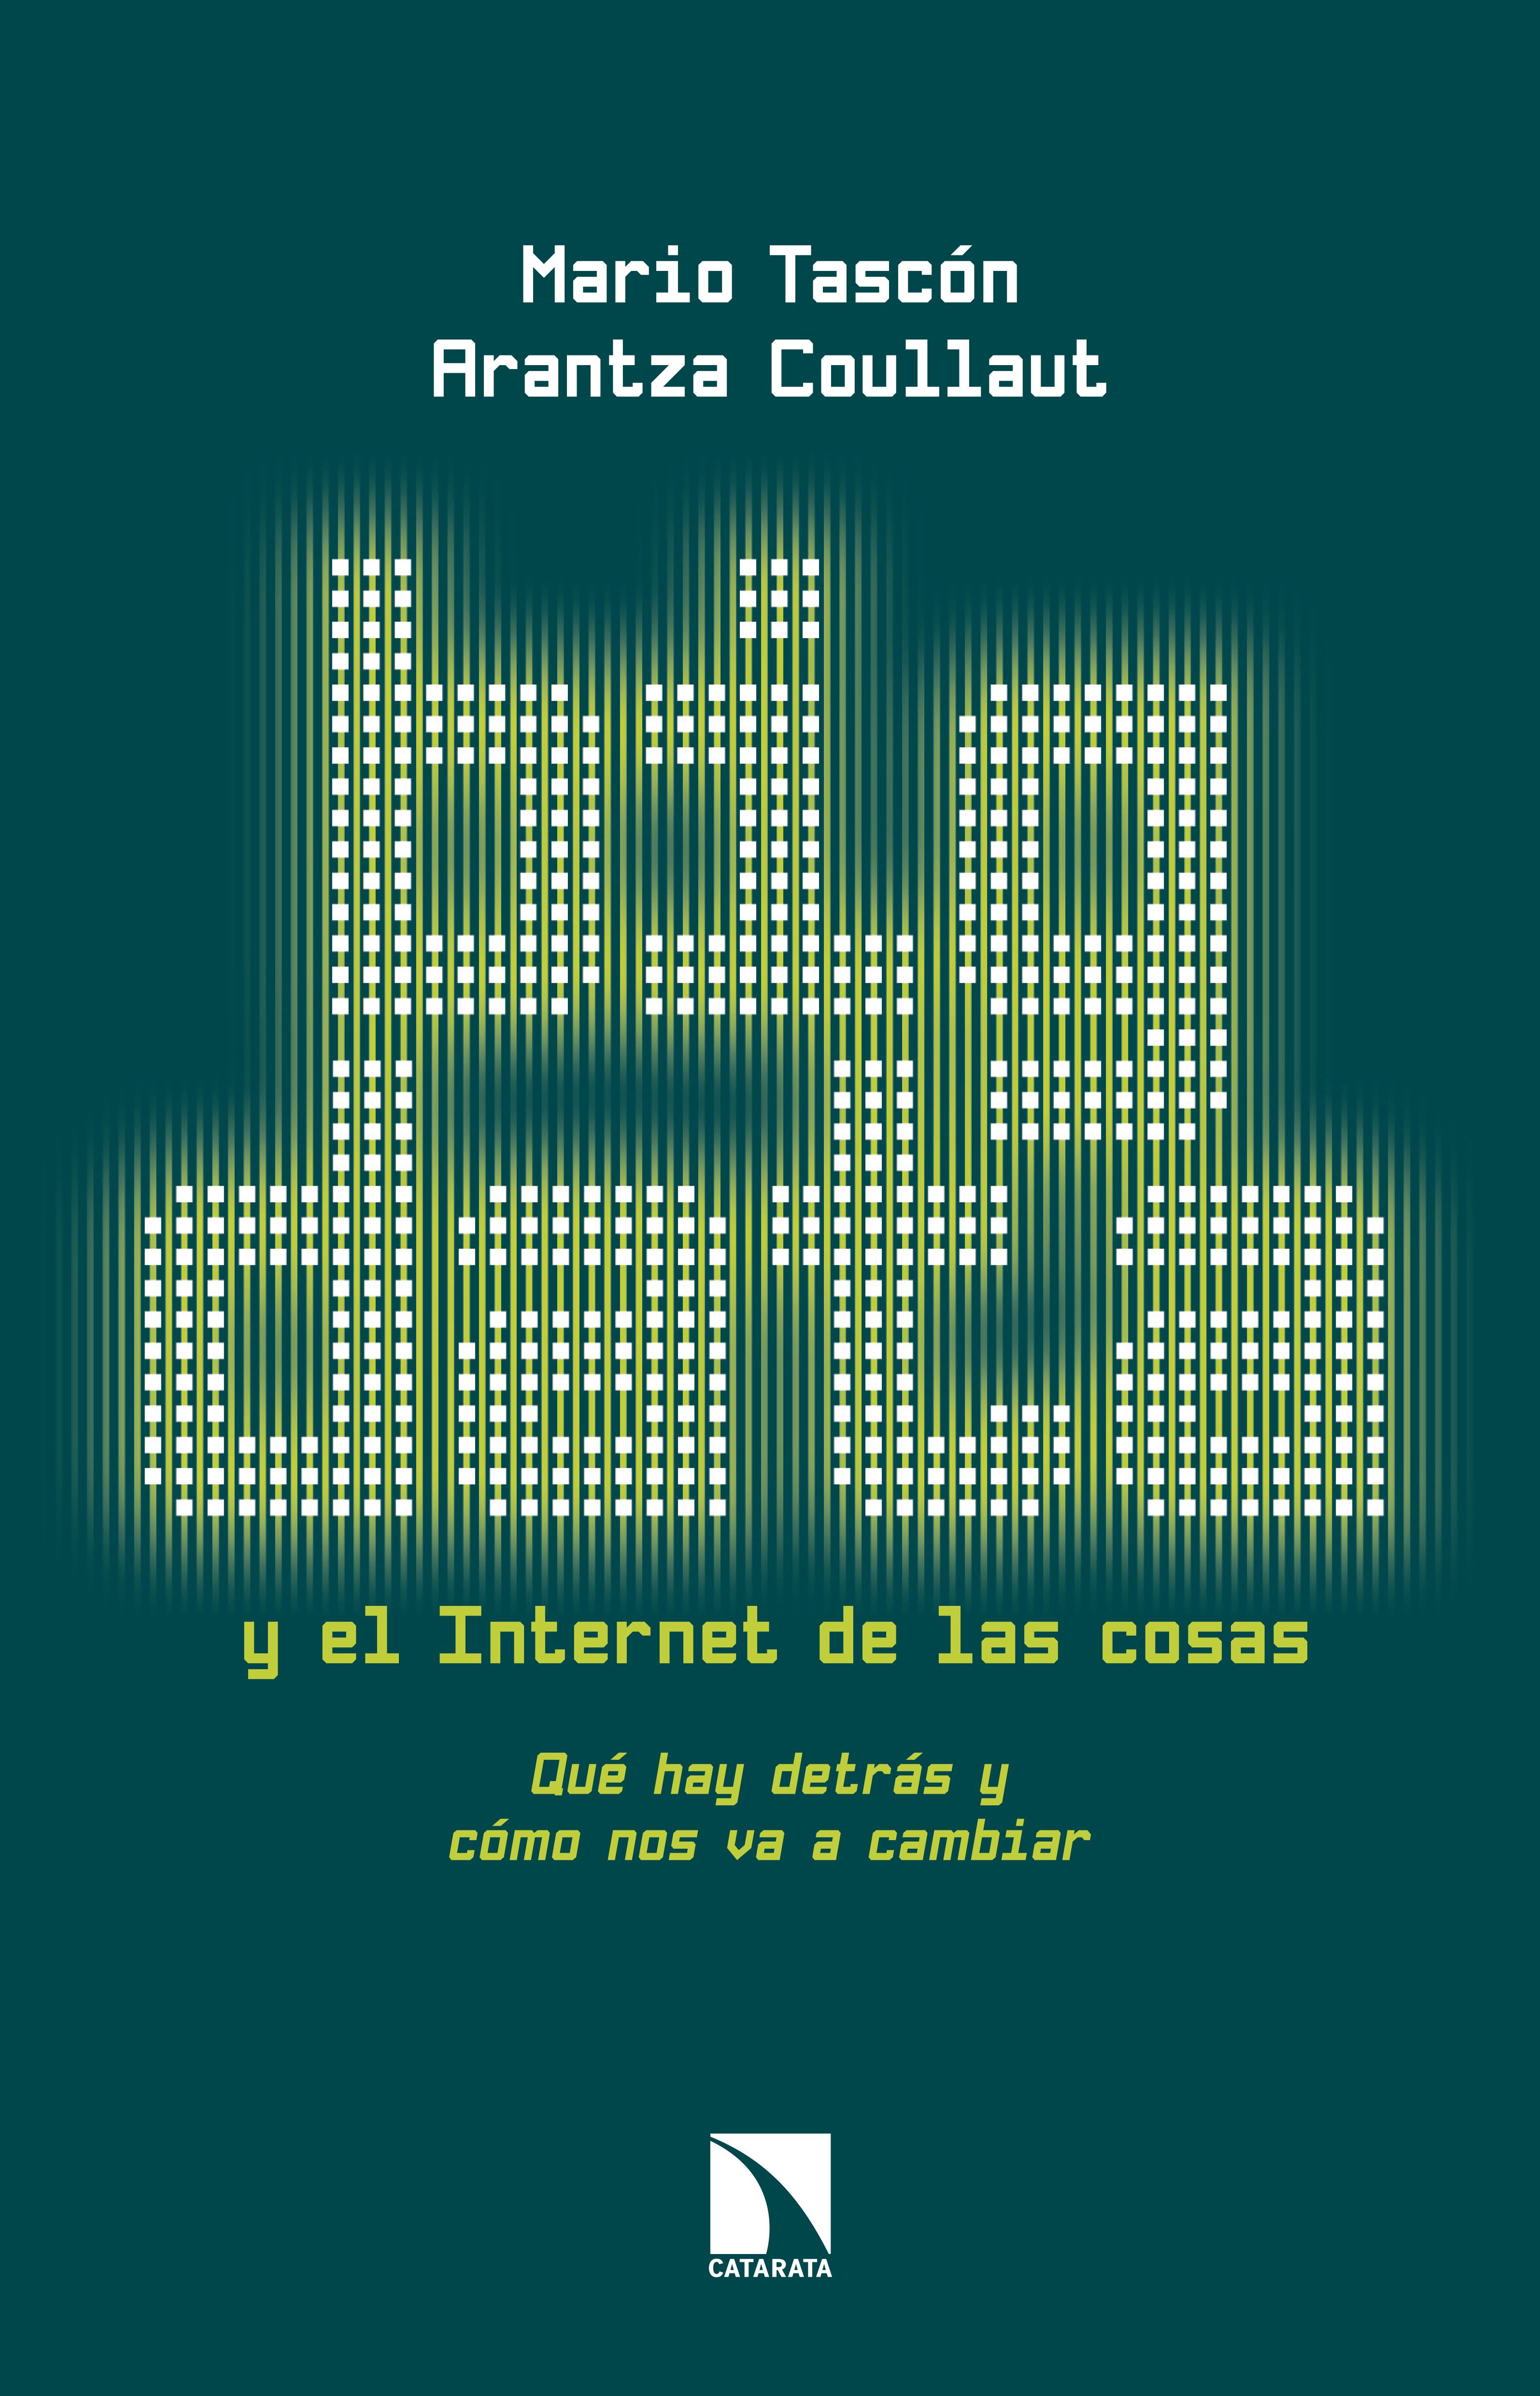 Big Data y el Internet de las cosas Qué hay detrás y cómo nos va a cambiar